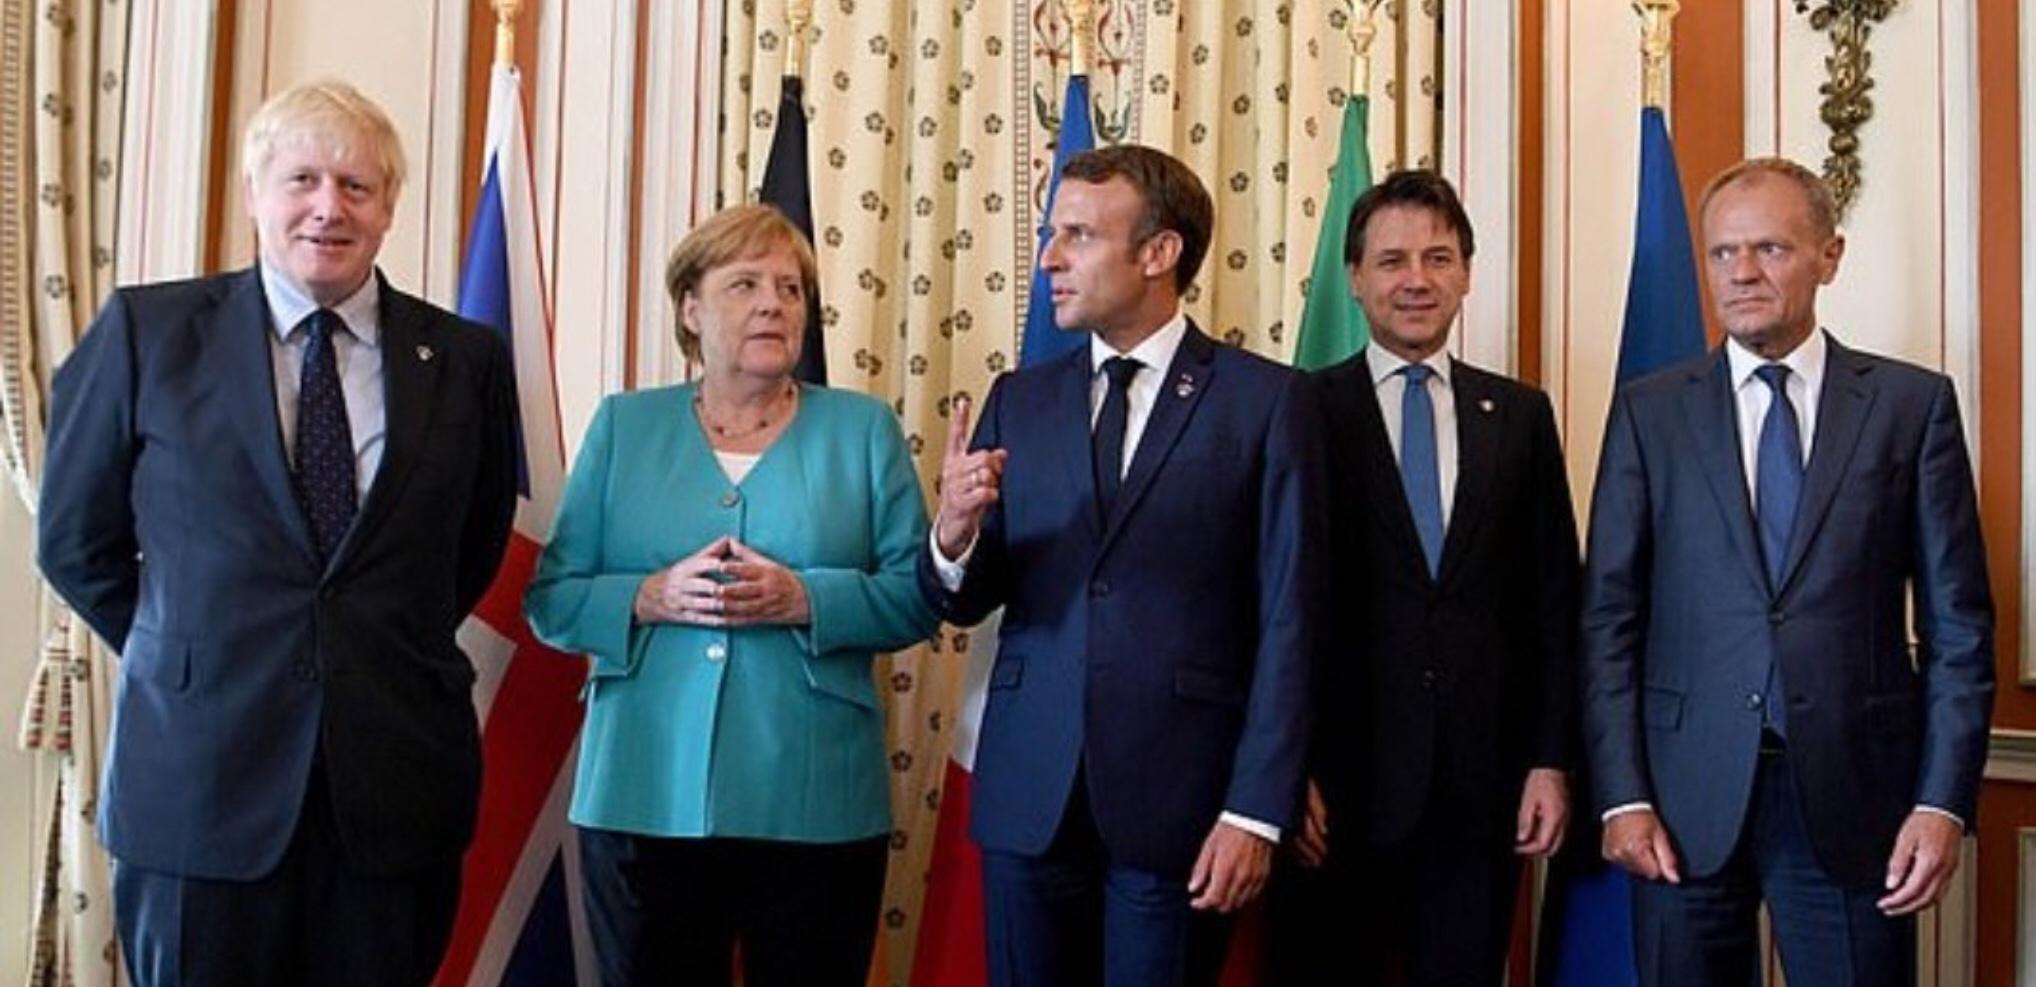 Tense G7 opens in Biarritz